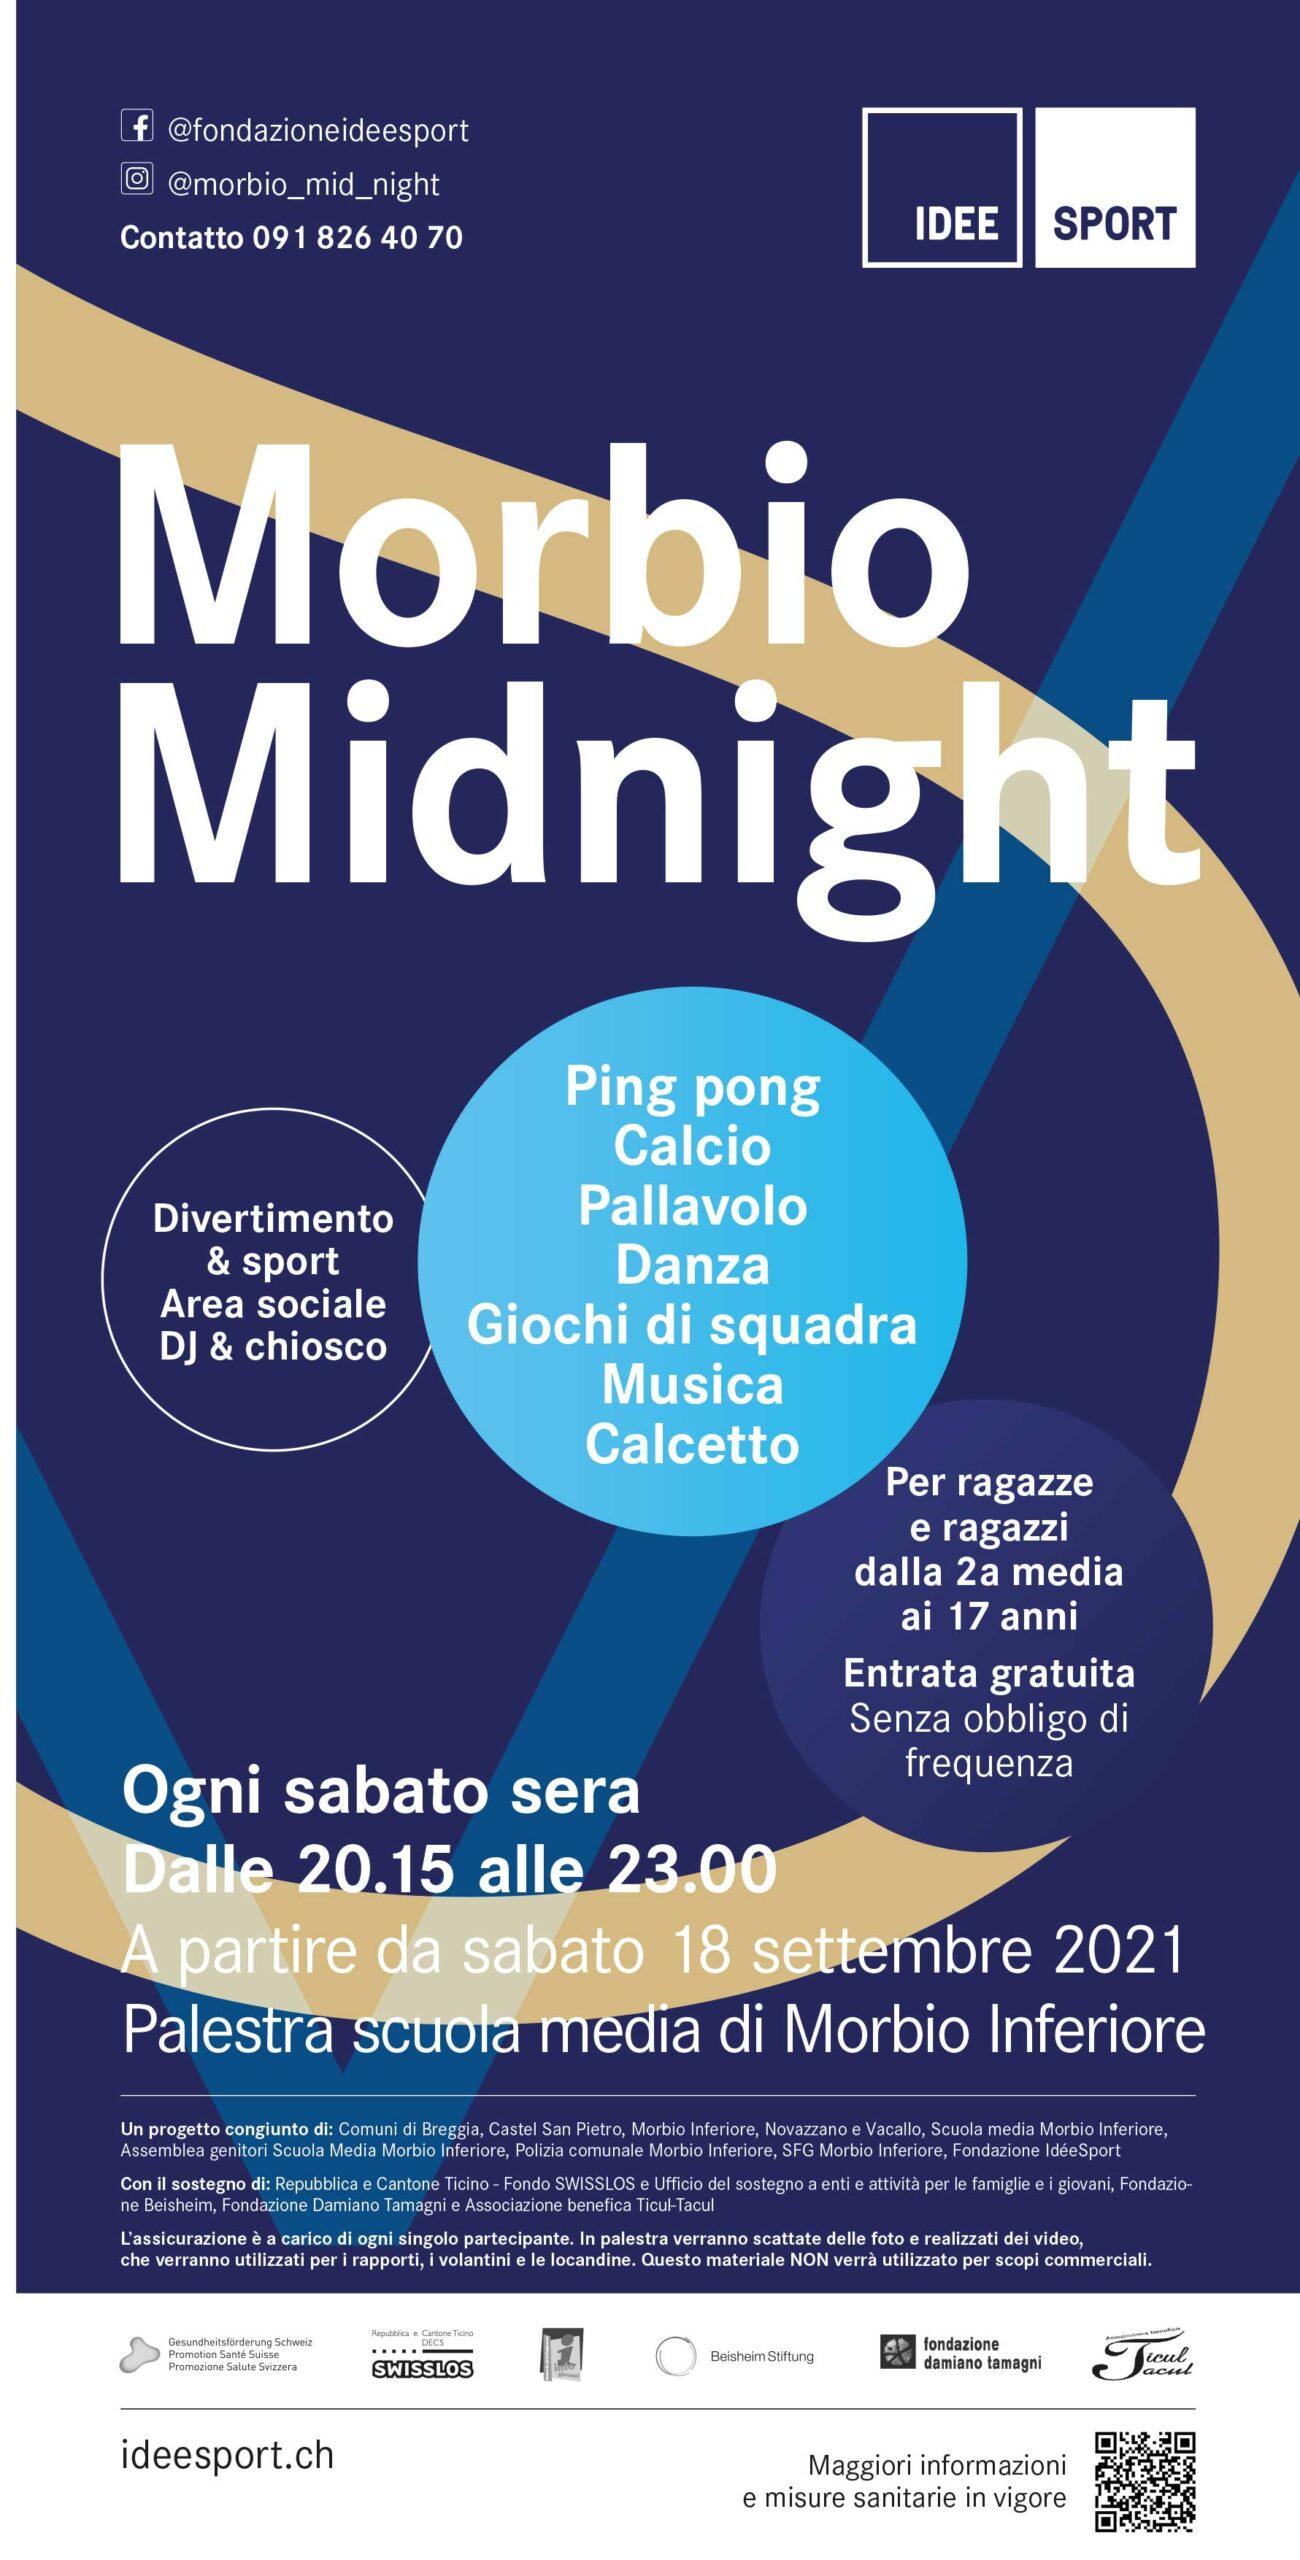 Morbio Midnight 2019